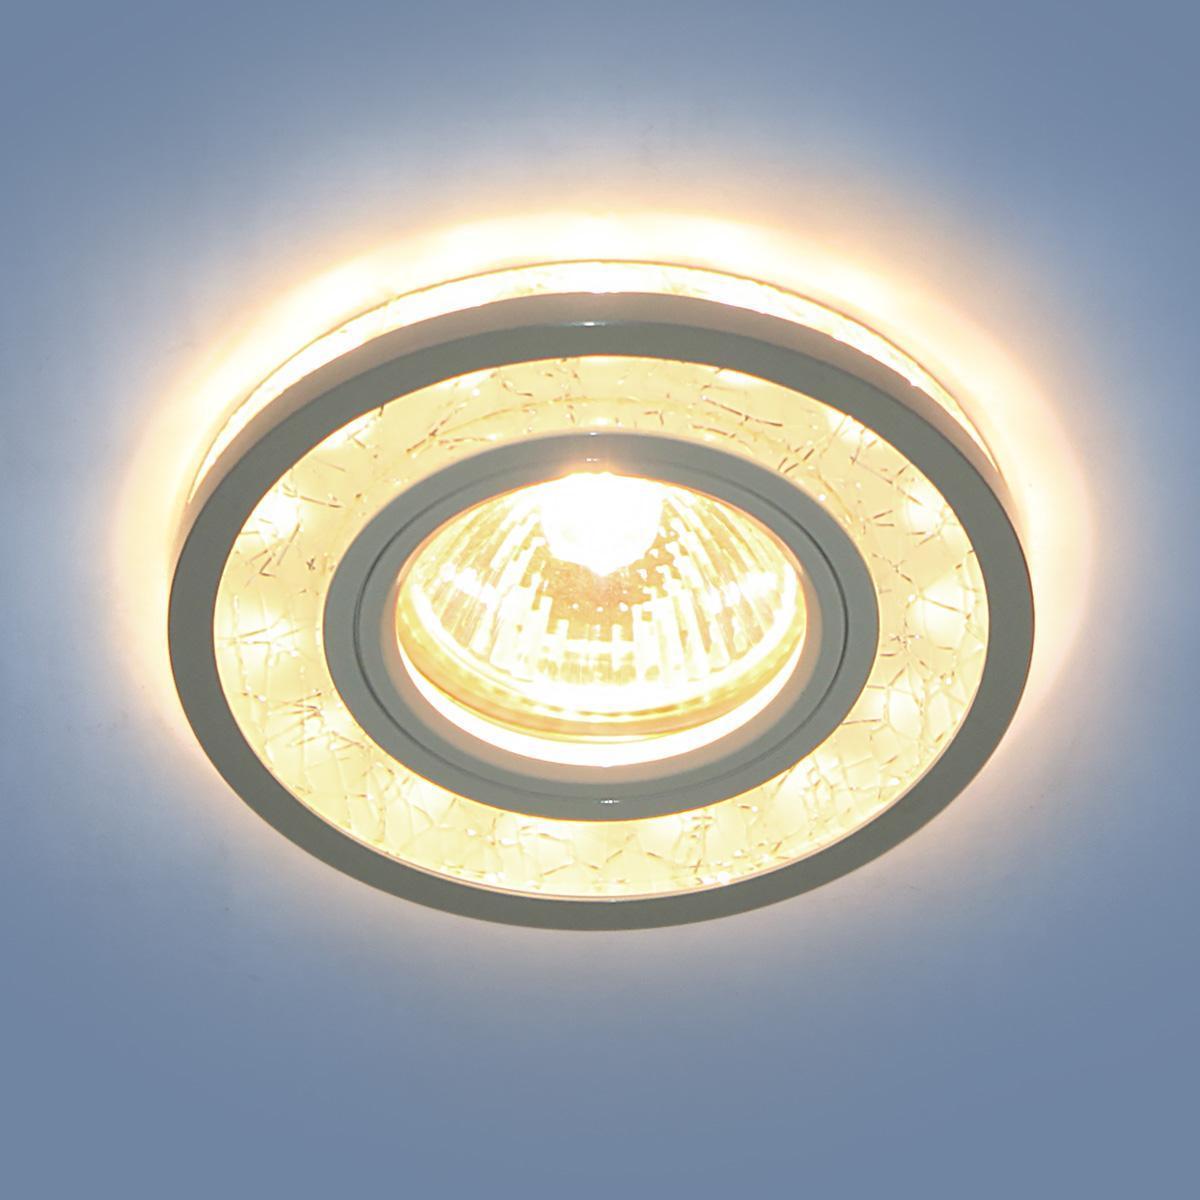 Фото - Встраиваемый светильник Elektrostandard 7020 MR16 WH/SL белый/серебро 4690389099335 cветильник галогенный de fran встраиваемый 1х50вт mr16 ip20 зел античное золото